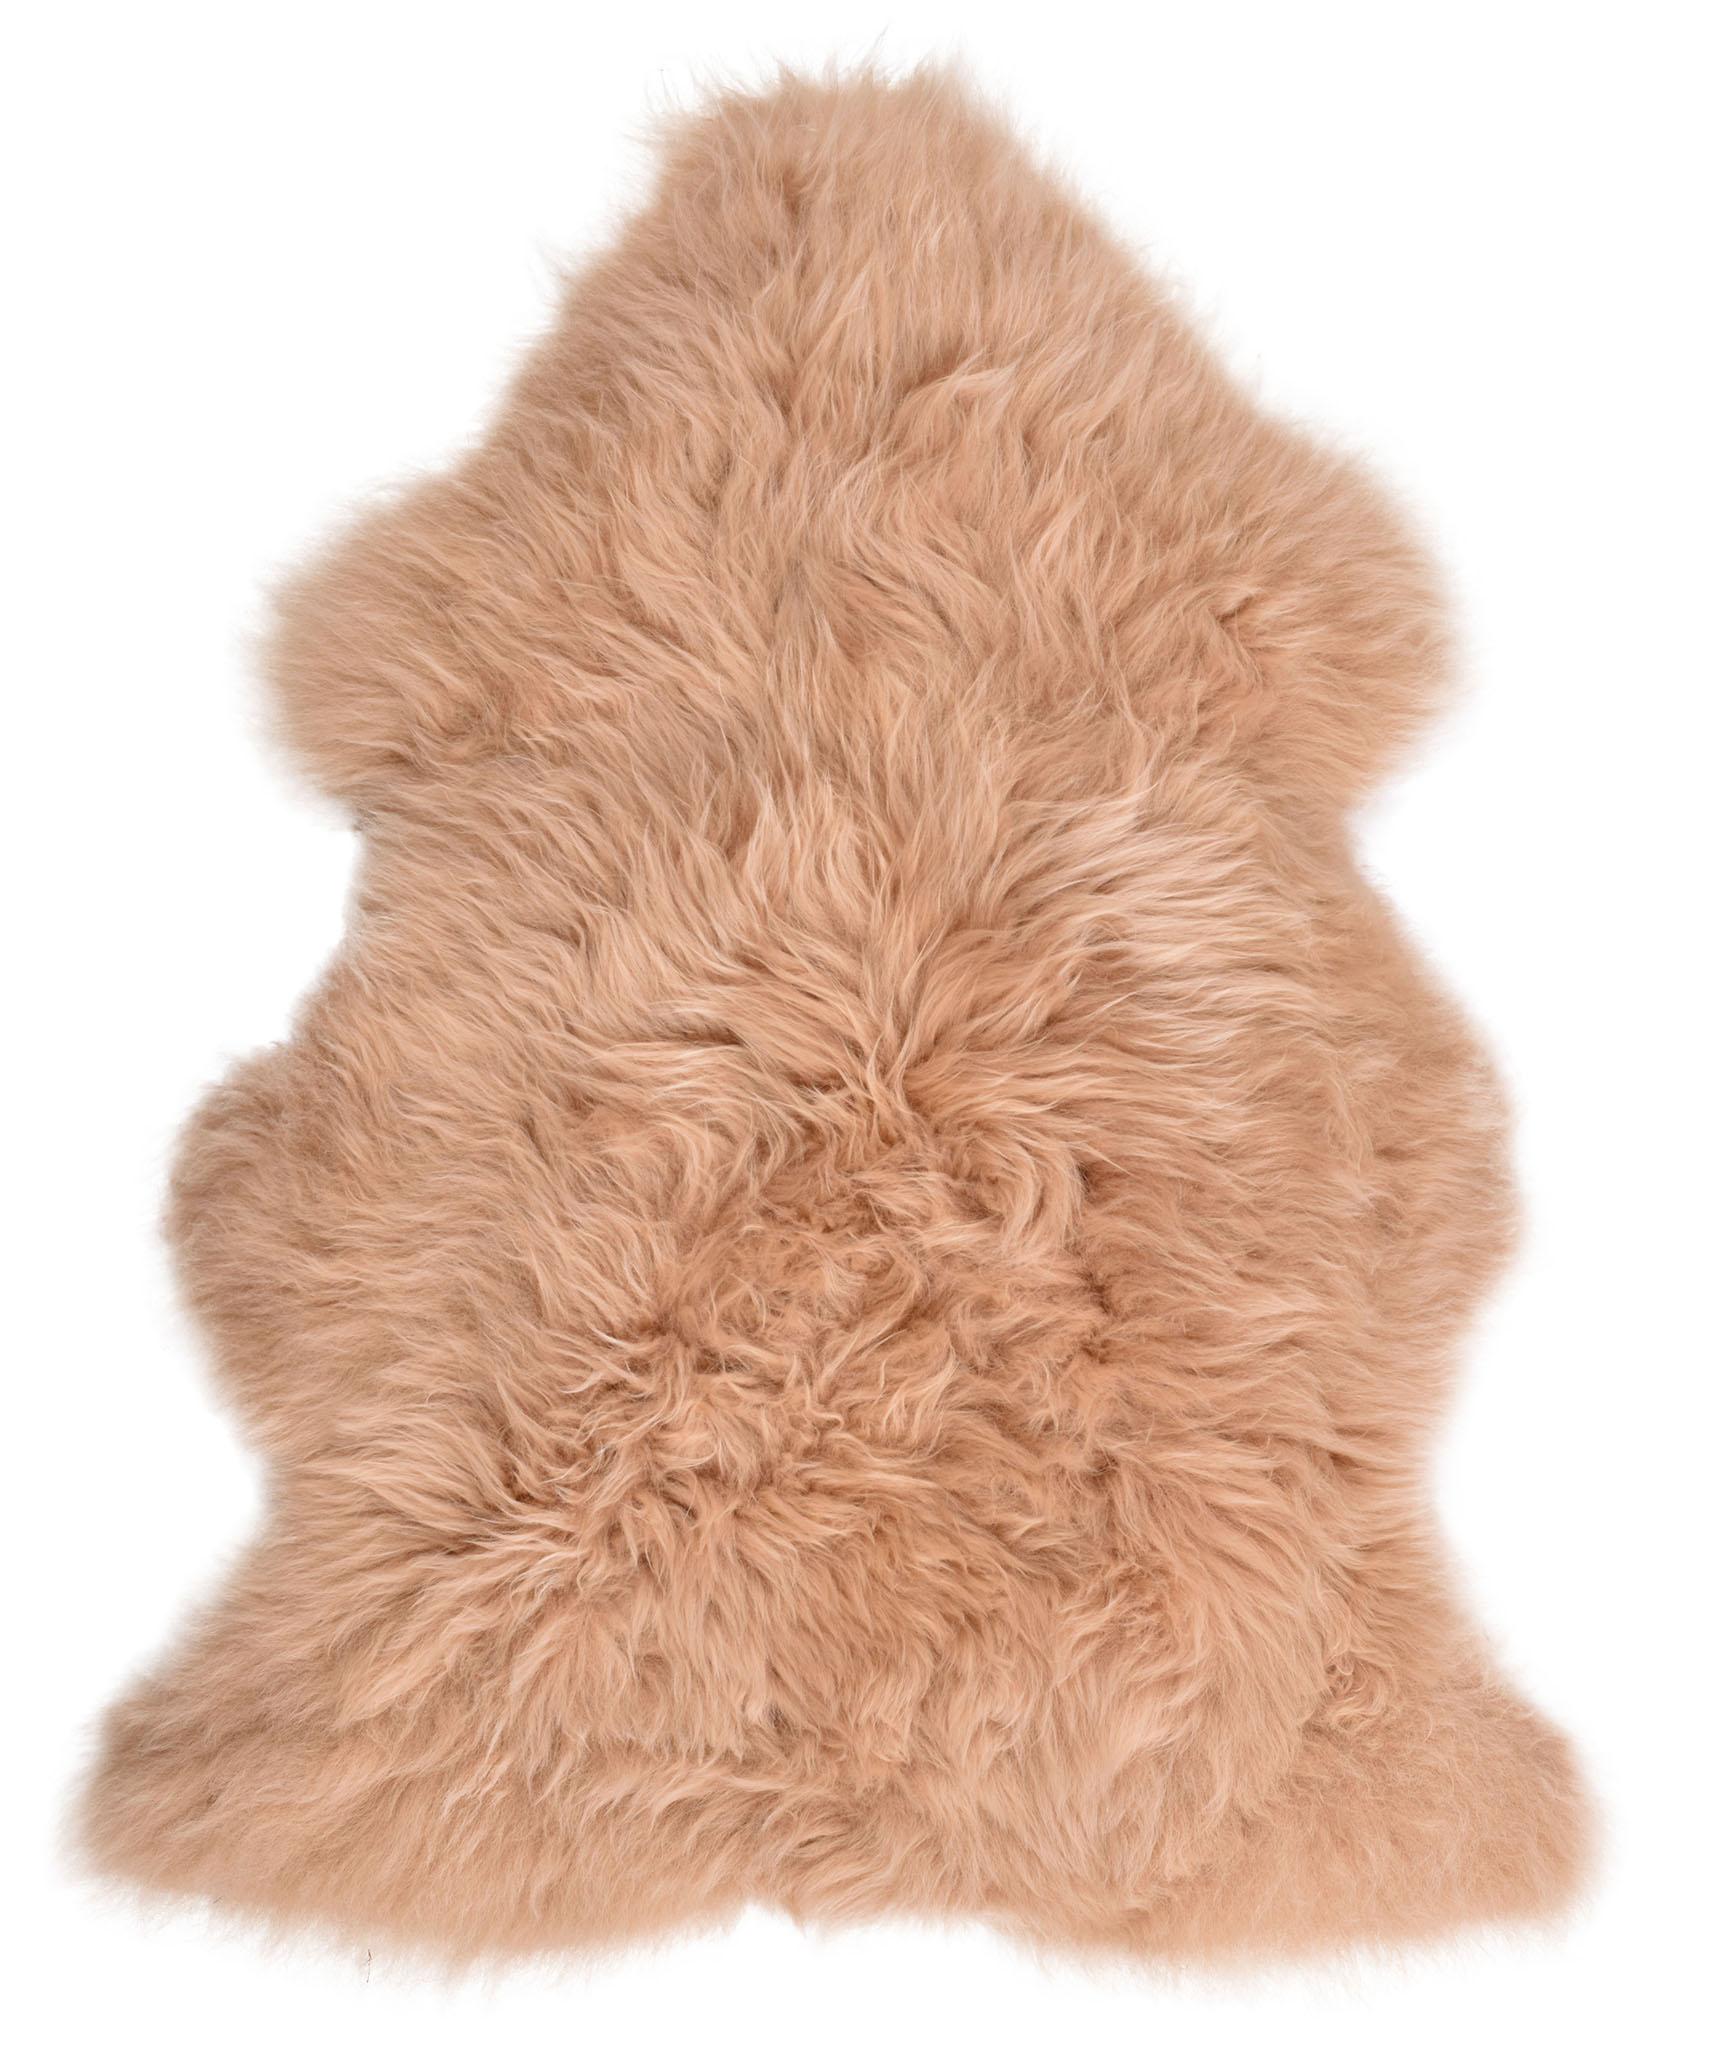 Grande Super Doux De Luxe Luxe Luxe Véritable Chaud Beige épais en peau de mouton Tapis Pelt Hide | Les Consommateurs D'abord  0005c4